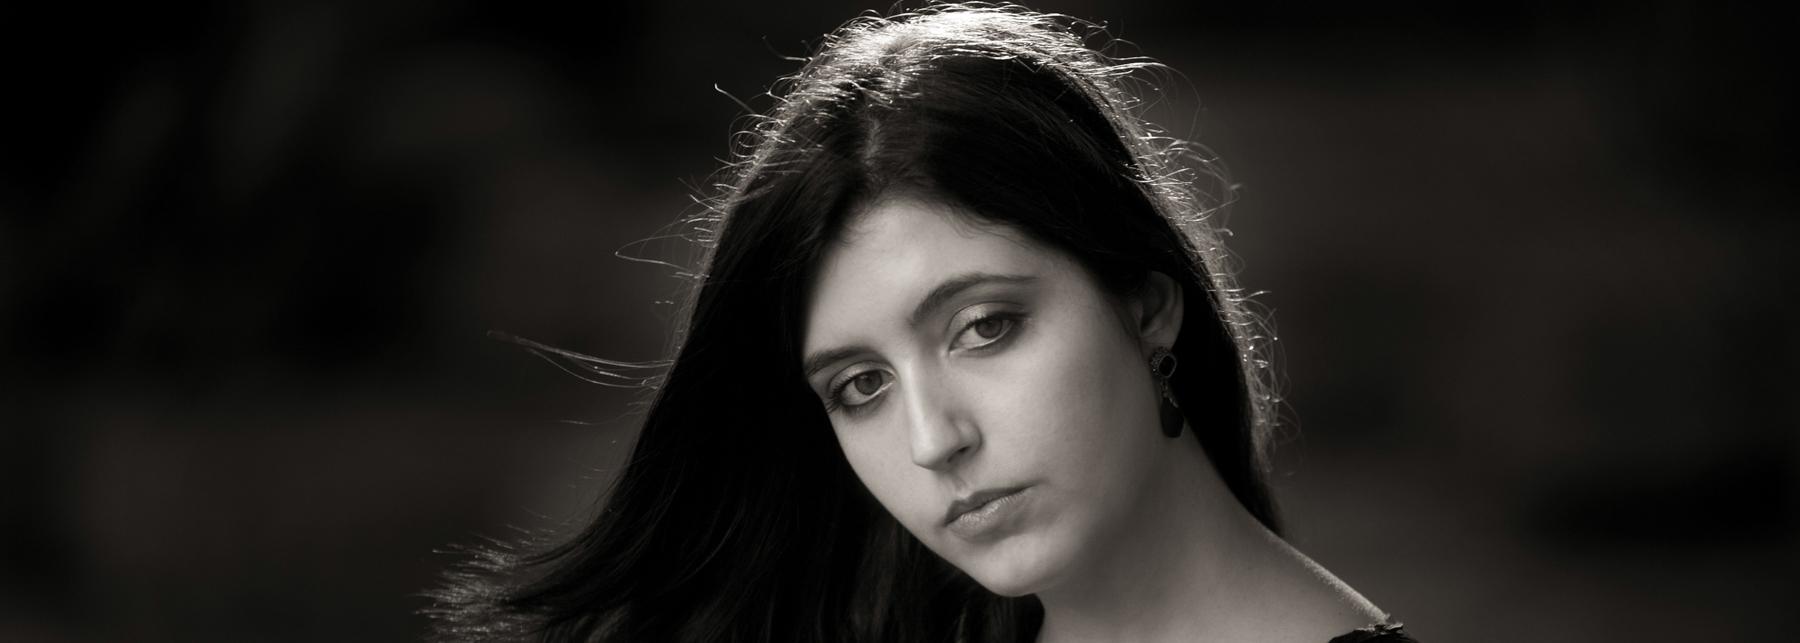 Sophie Pacini, Echo-Klassik 2015